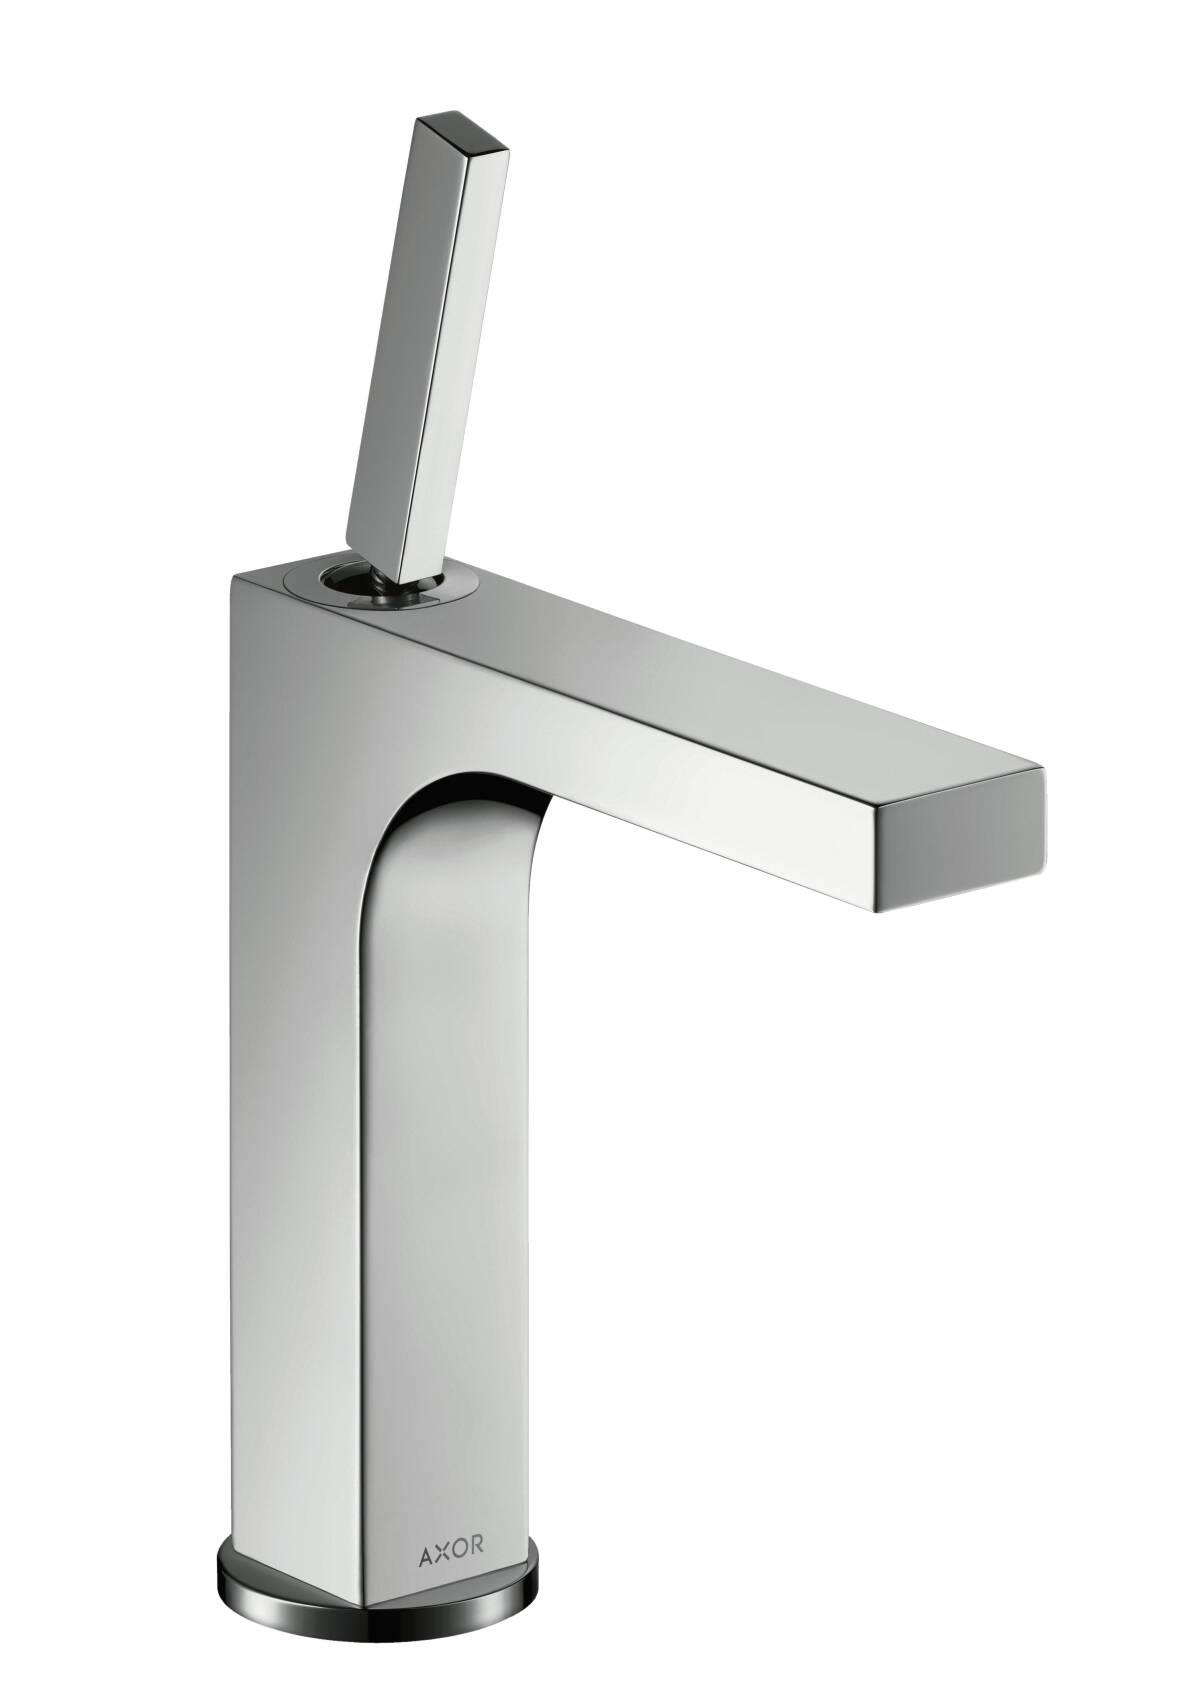 Einhebel-Waschtischmischer 160 mit Zugstangen-Ablaufgarnitur, chrom, 39031000